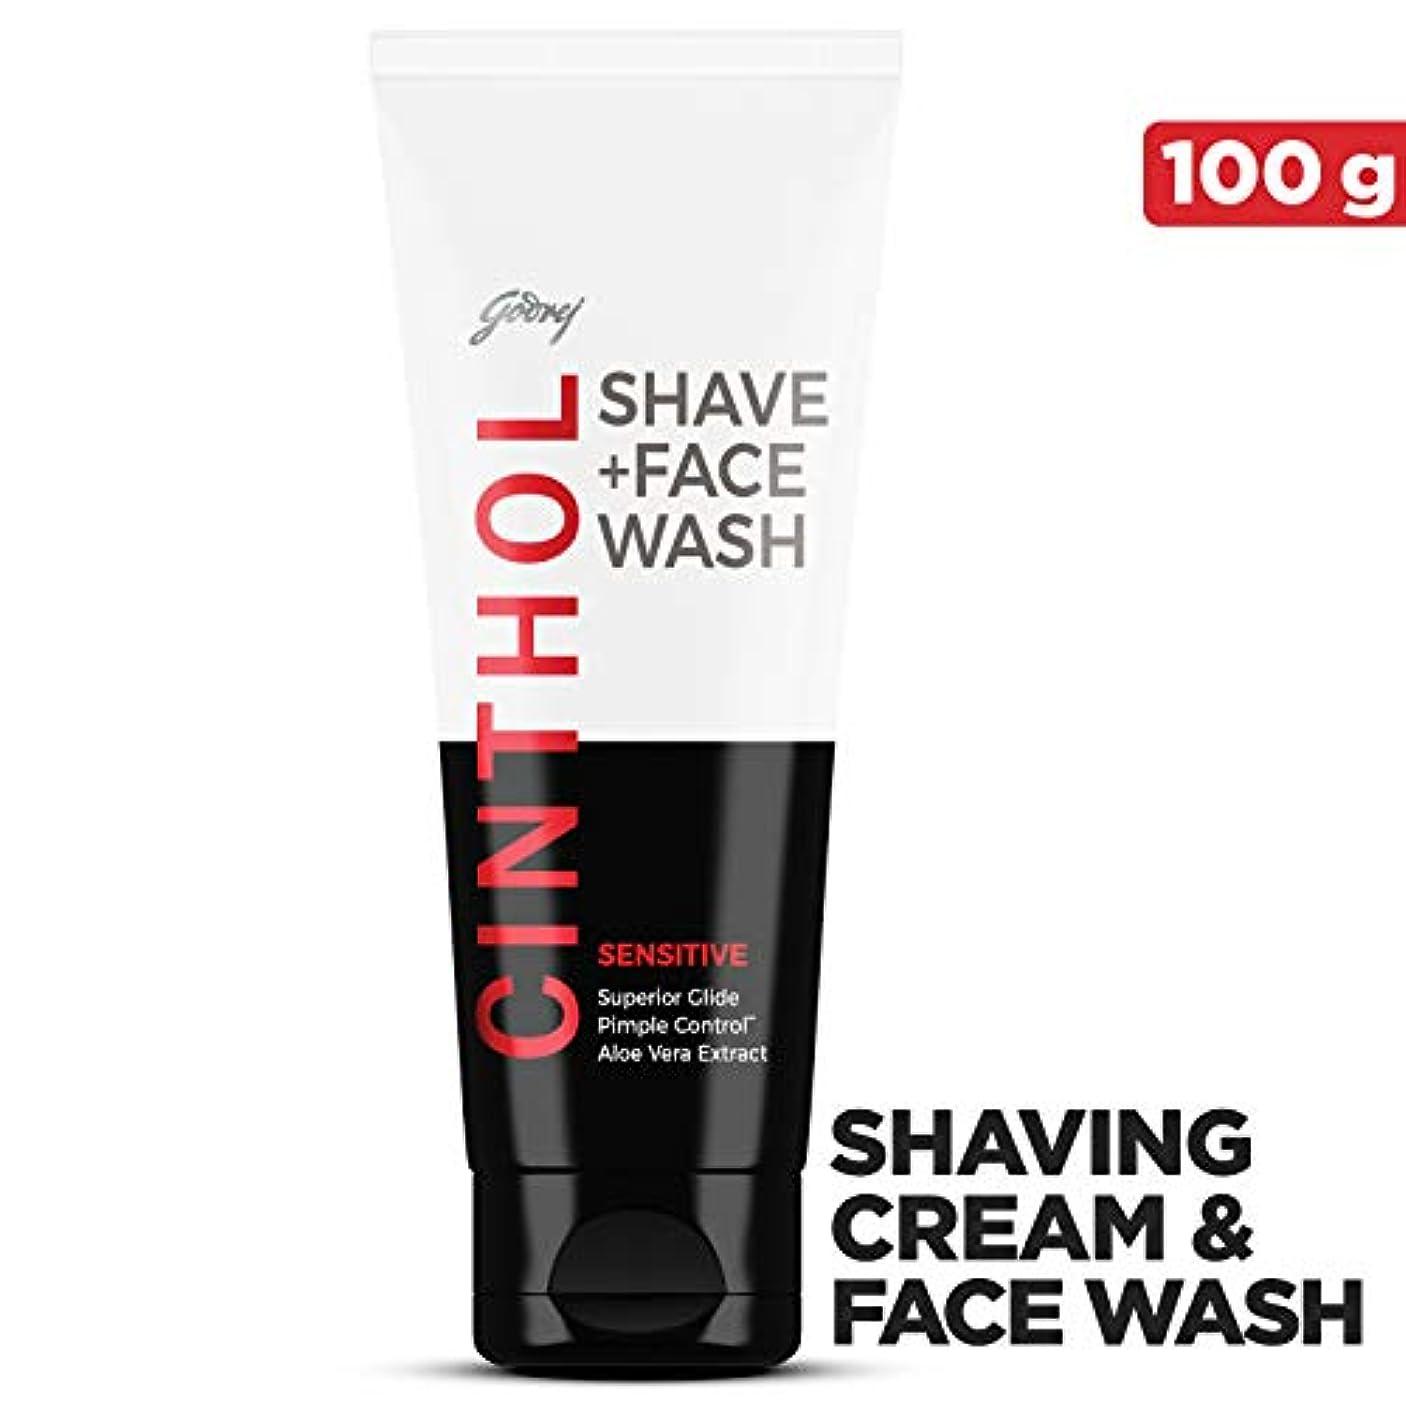 であること幻想的純粋なCinthol Sensitive Shaving + Face wash 100g